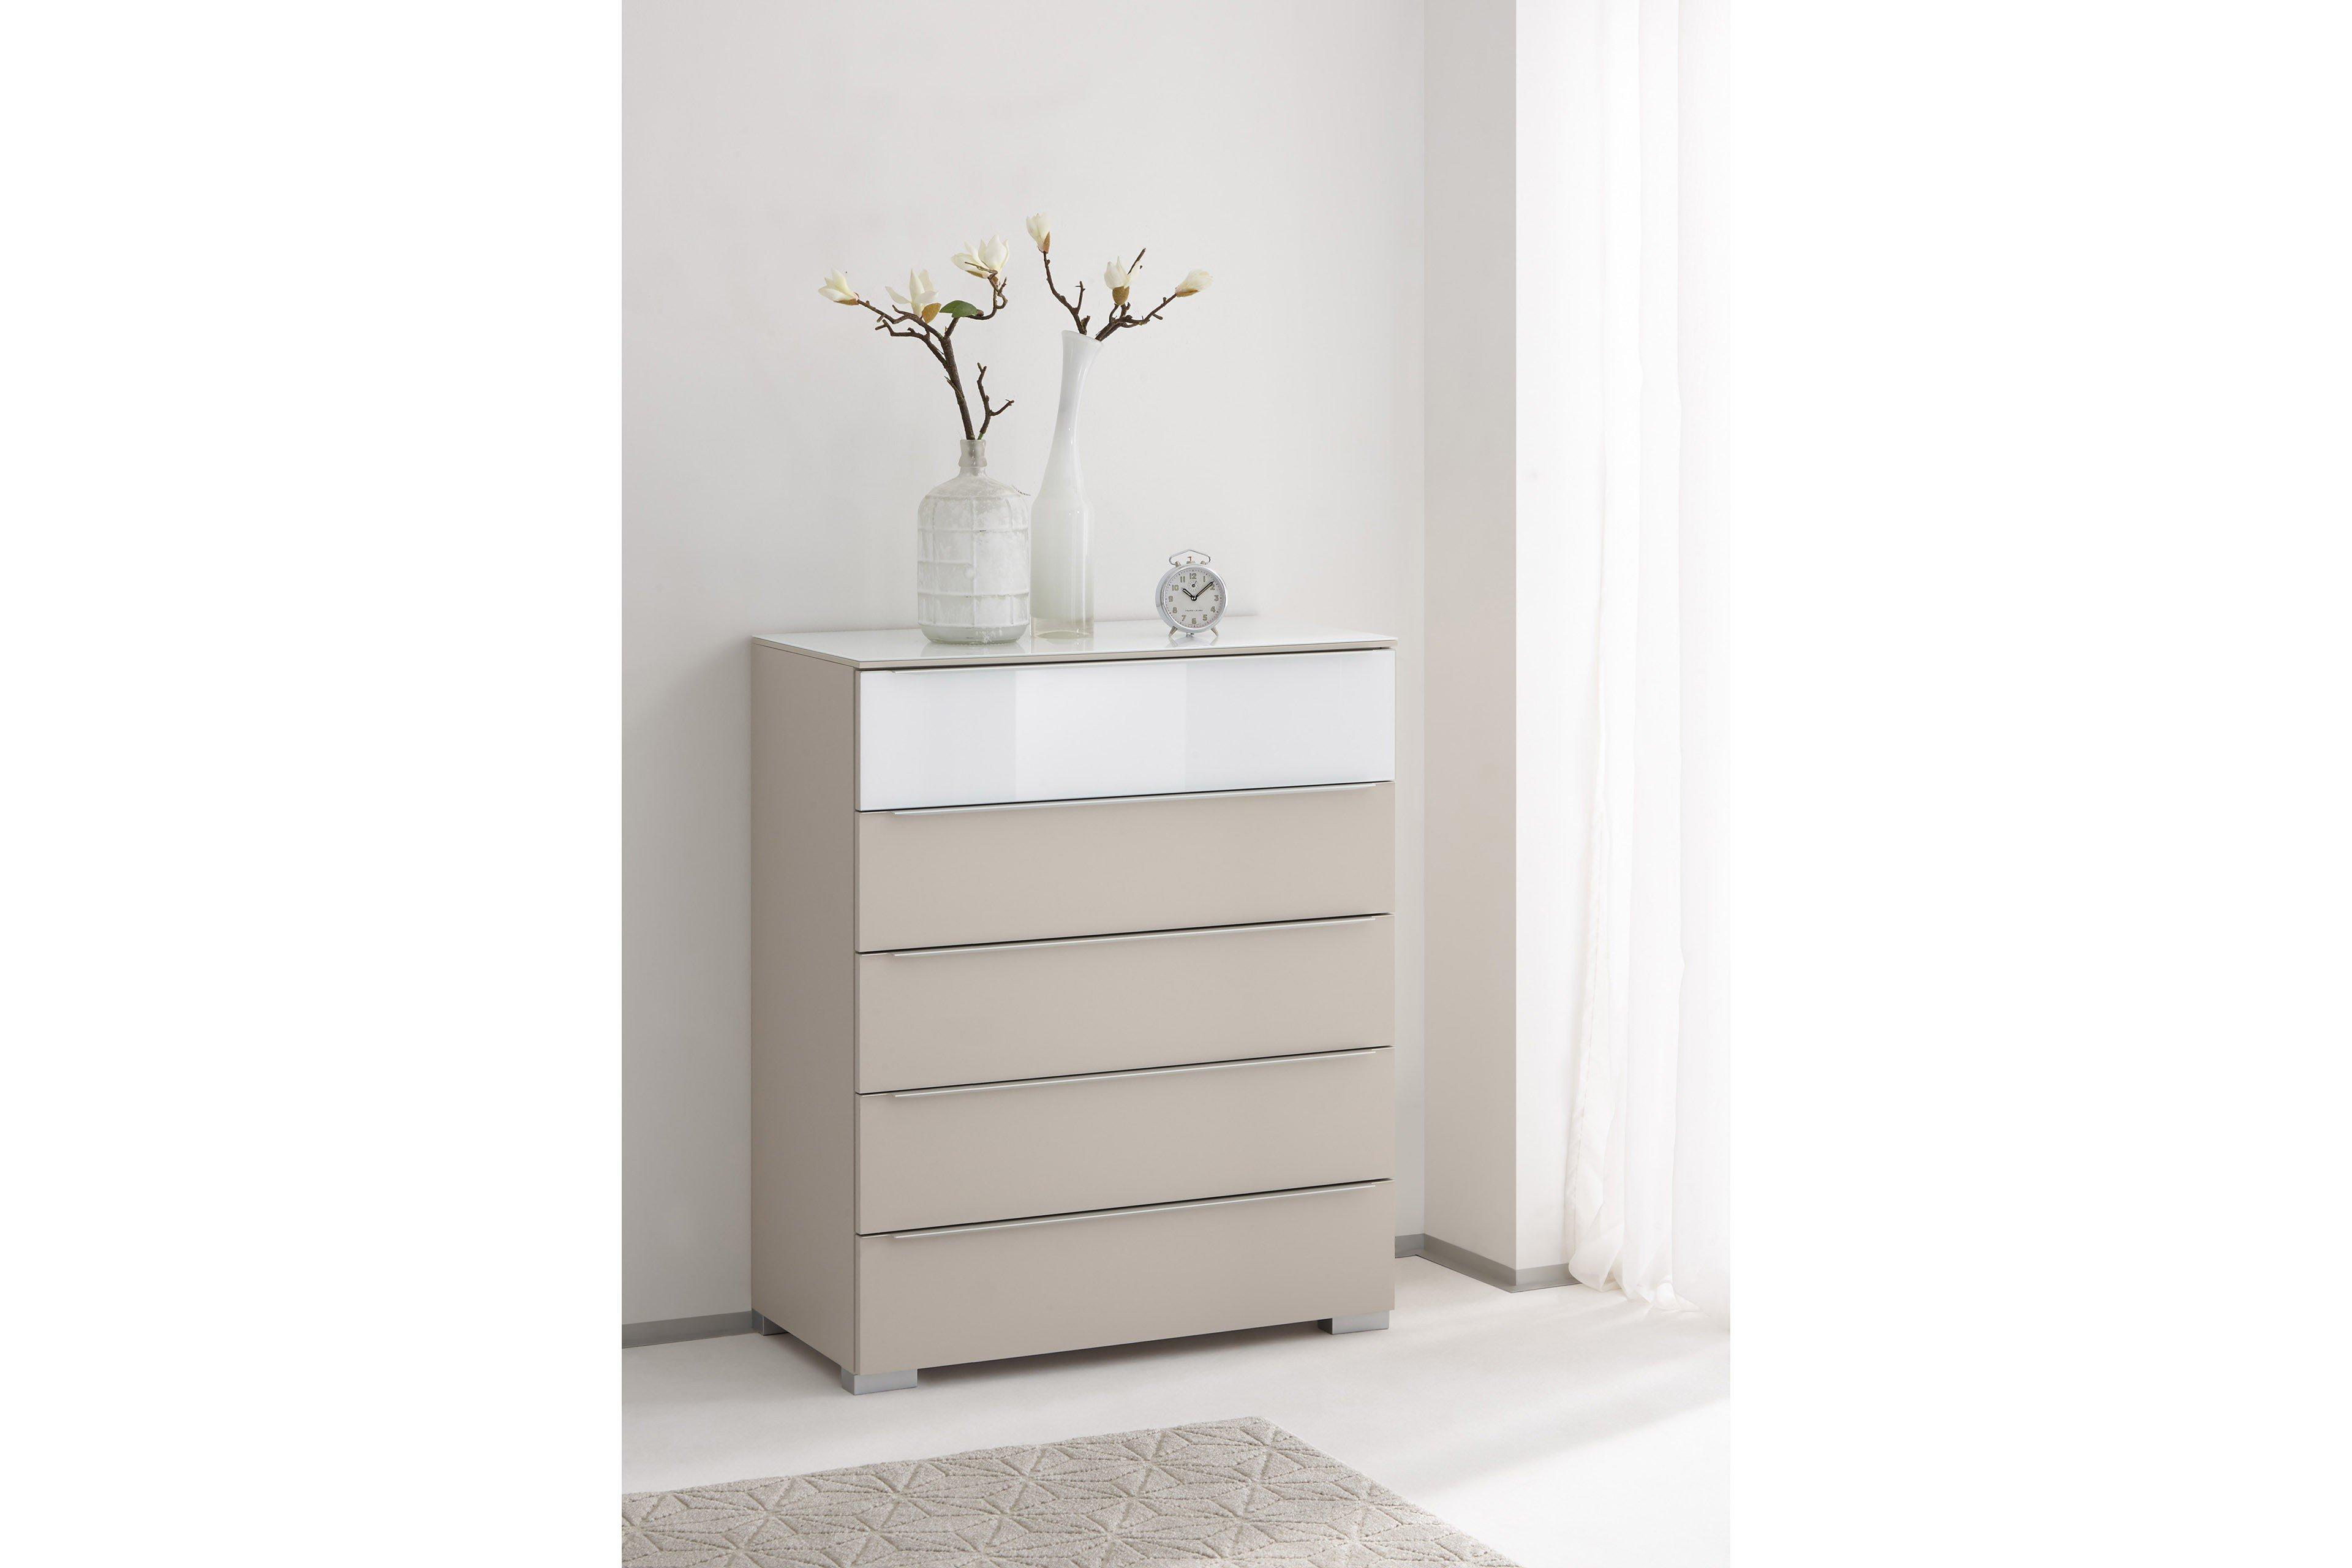 schlafzimmer kommode beige ab wann kopfkissen schlafsofas bolia design attack schlafzimmer. Black Bedroom Furniture Sets. Home Design Ideas